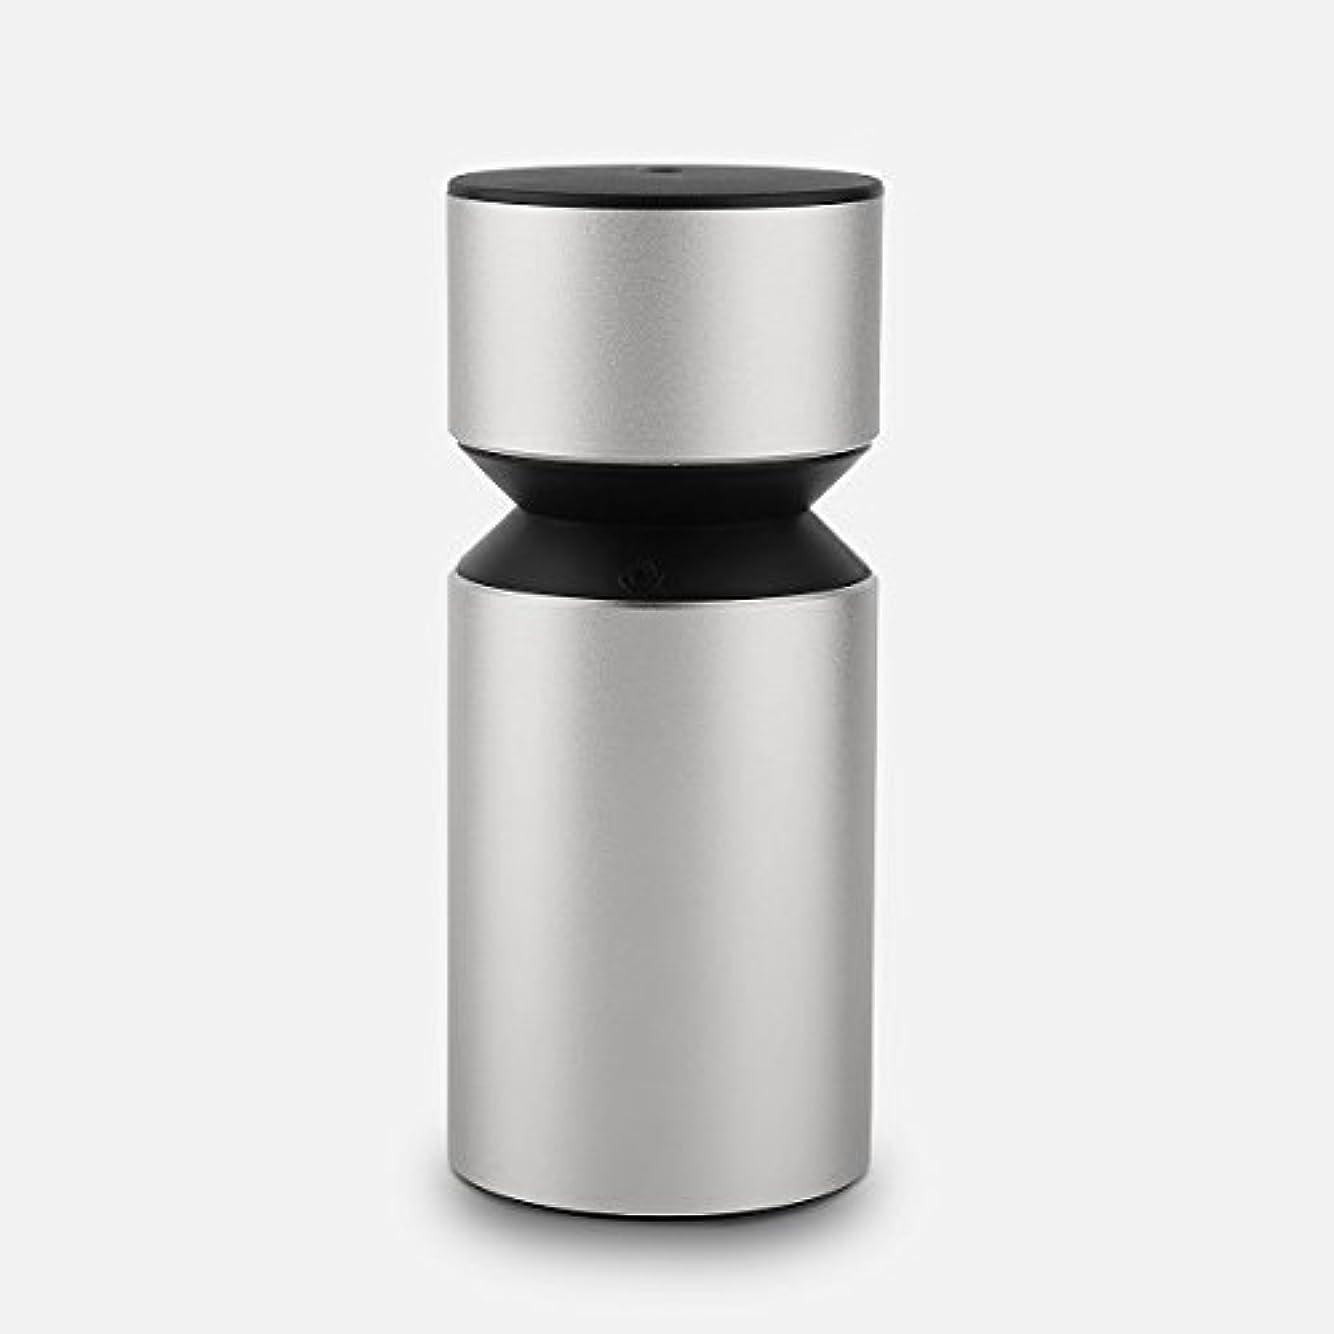 まぶしさ呼ぶ光Bbymieポータブルアロマテラピー純粋なエッセンシャルオイルディフューザーは車/旅行/オフィス/リビングルーム - 空気フレッシュ - ユニークなデザインは安全に使用する - Bpaフリー